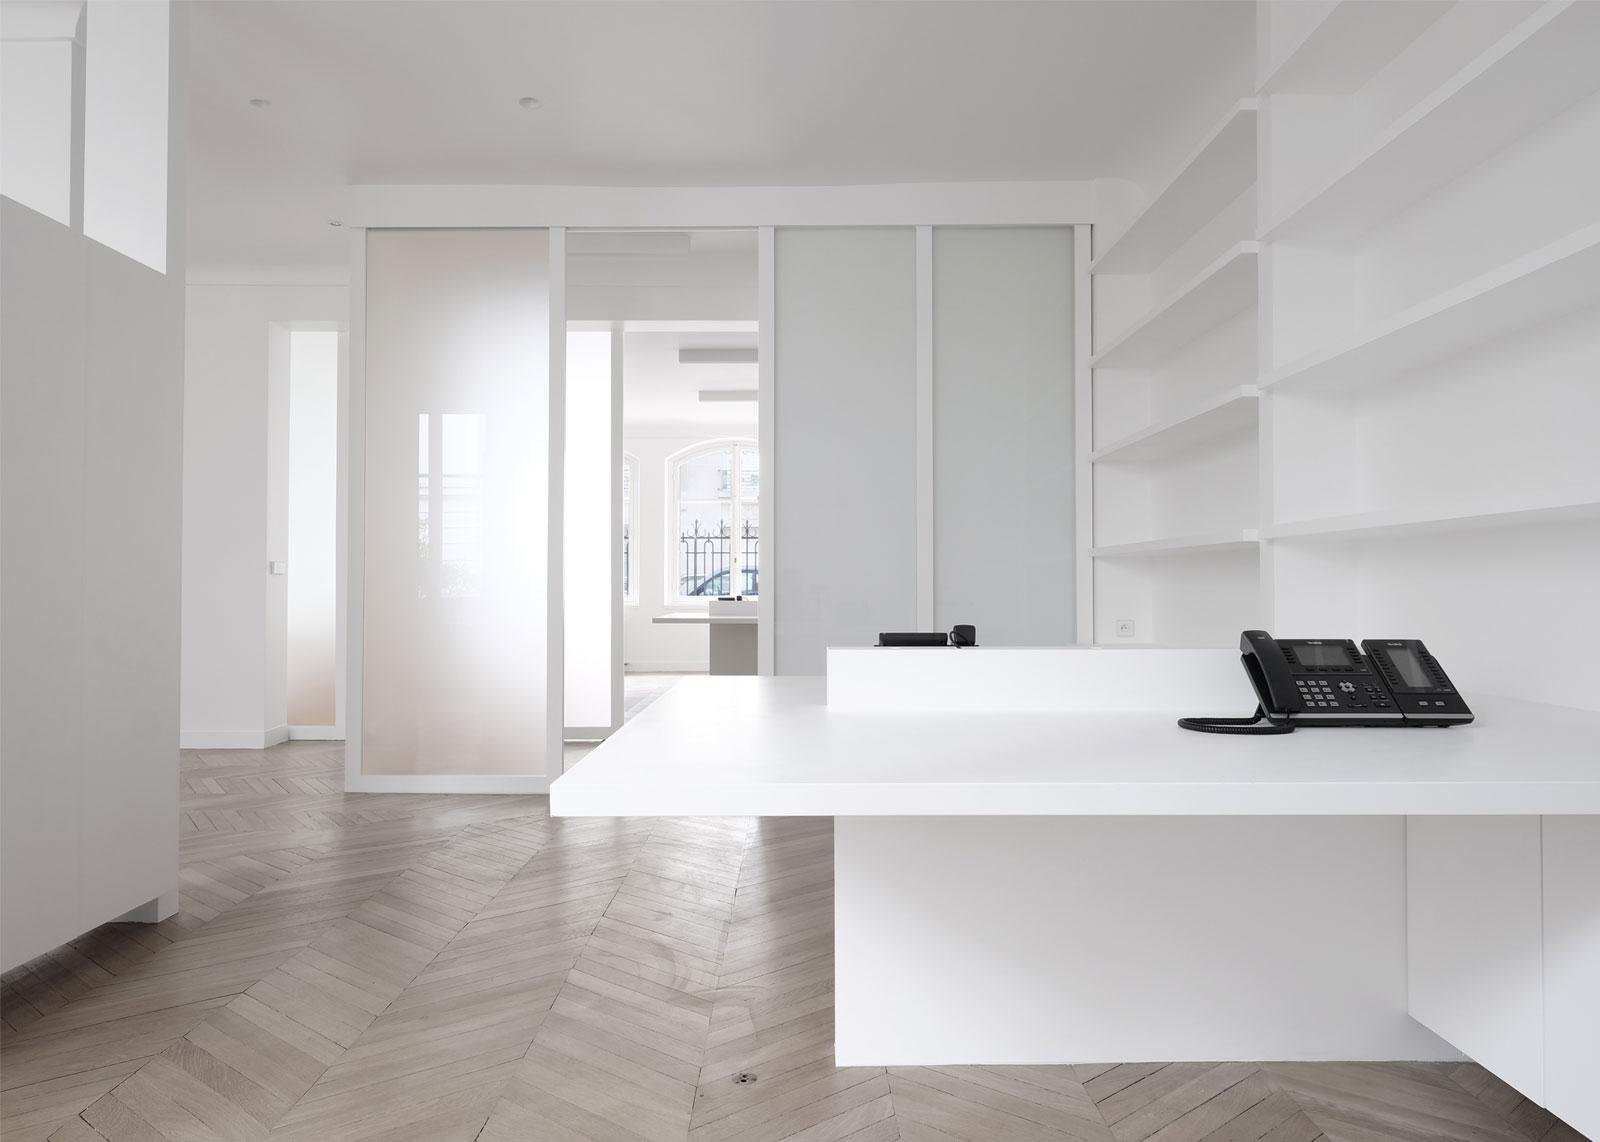 bureaux M - heros architecture architecte intérieur parisien paris appartement bureau bureaux avocat rénovation réhabilitation extension restructuration minimaliste design épuré maison surélévation